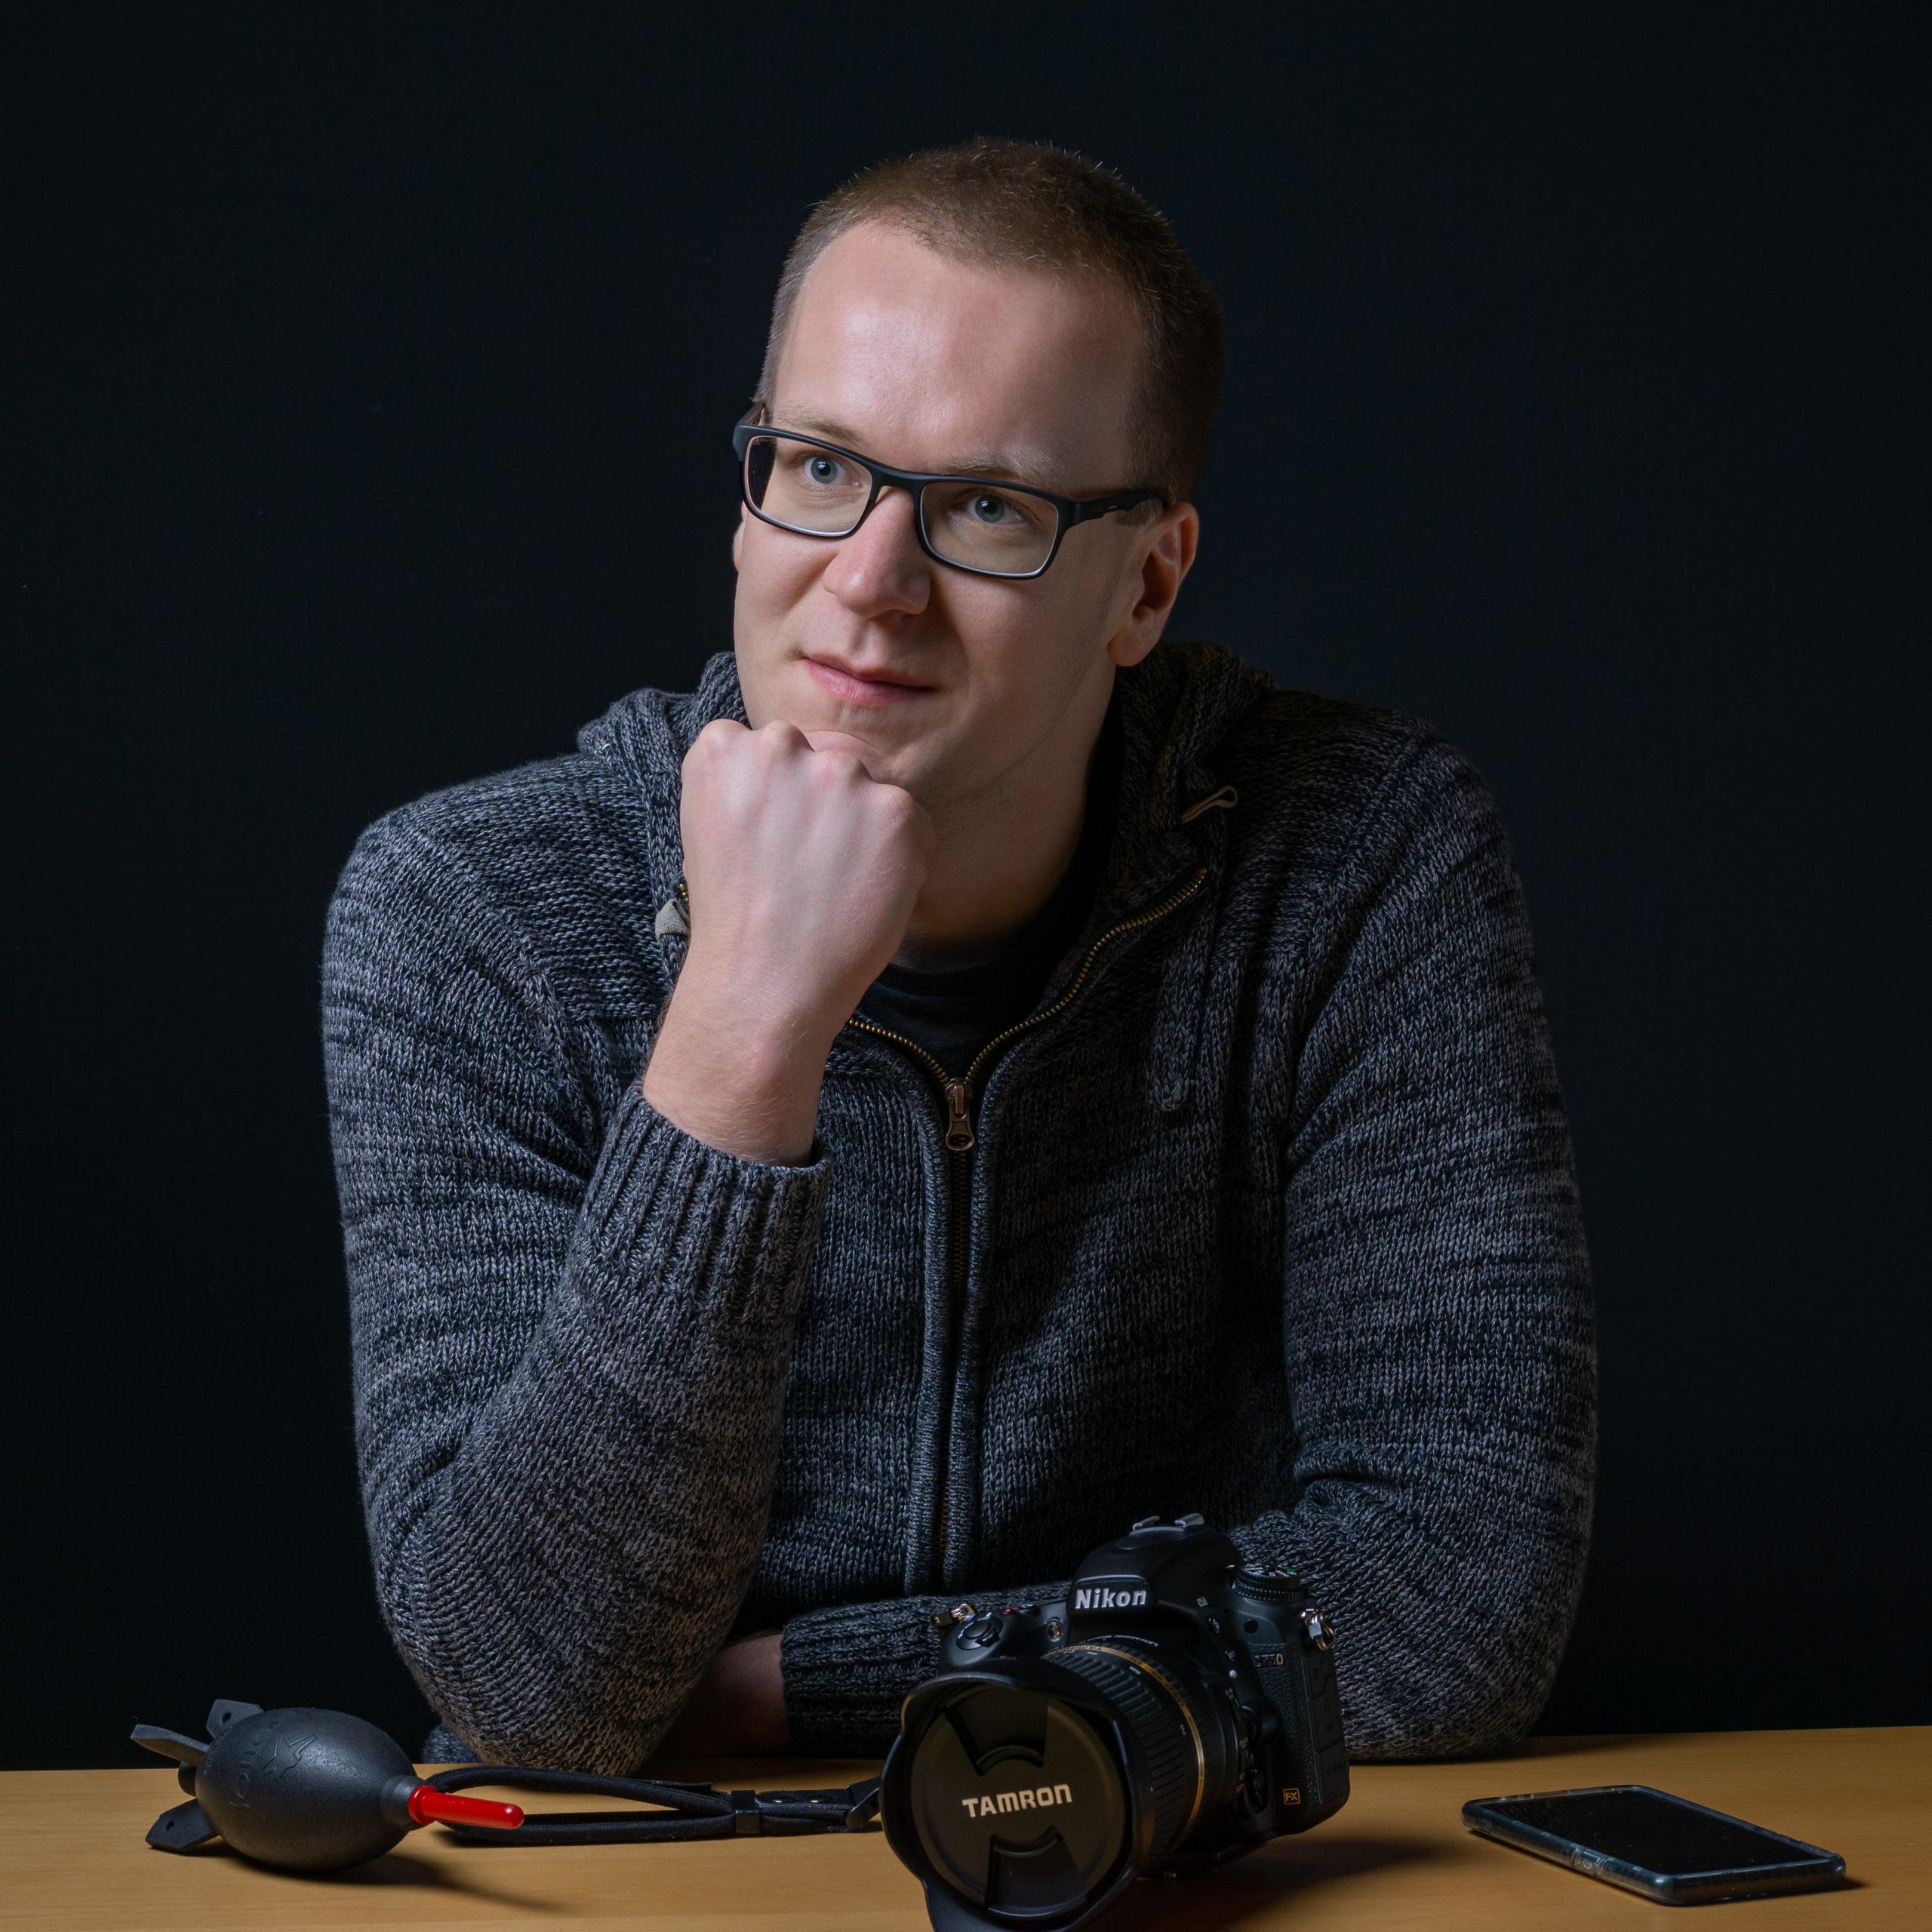 Lars Wilhelm